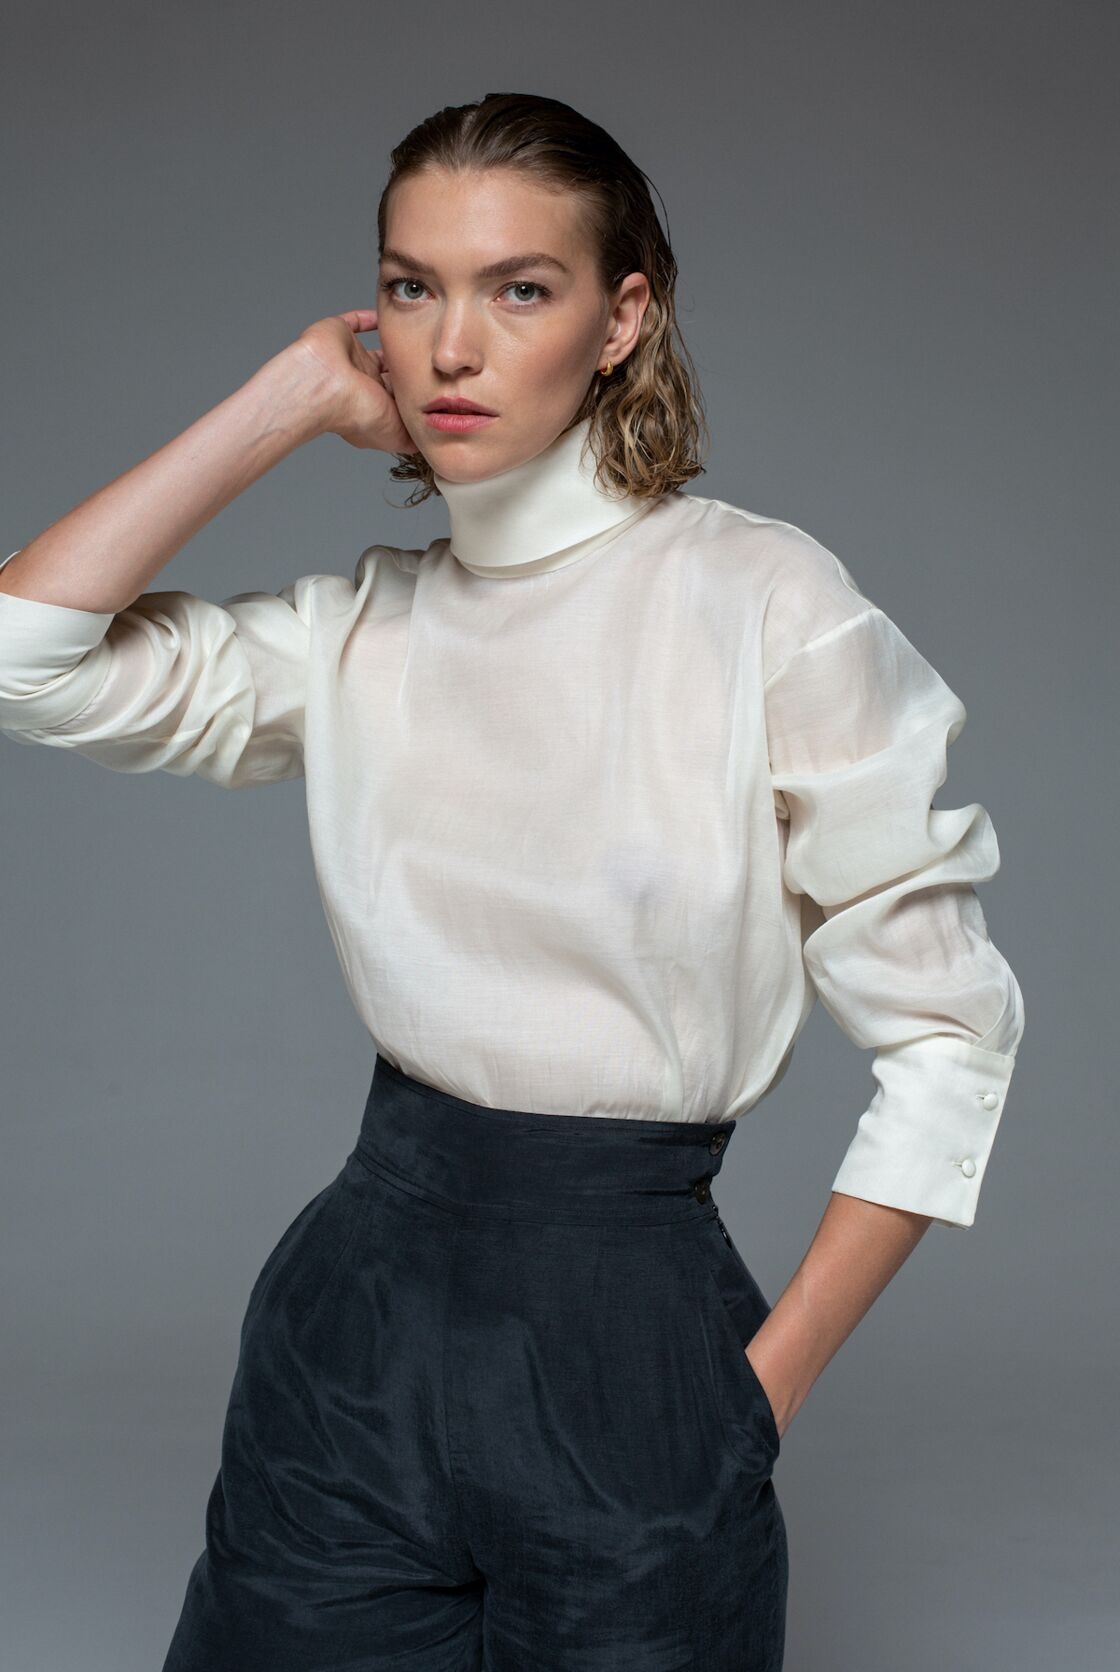 La chemise Cygnus en soie de la paix, 100% écoresponsable - Arizona x Olistic, 450 €